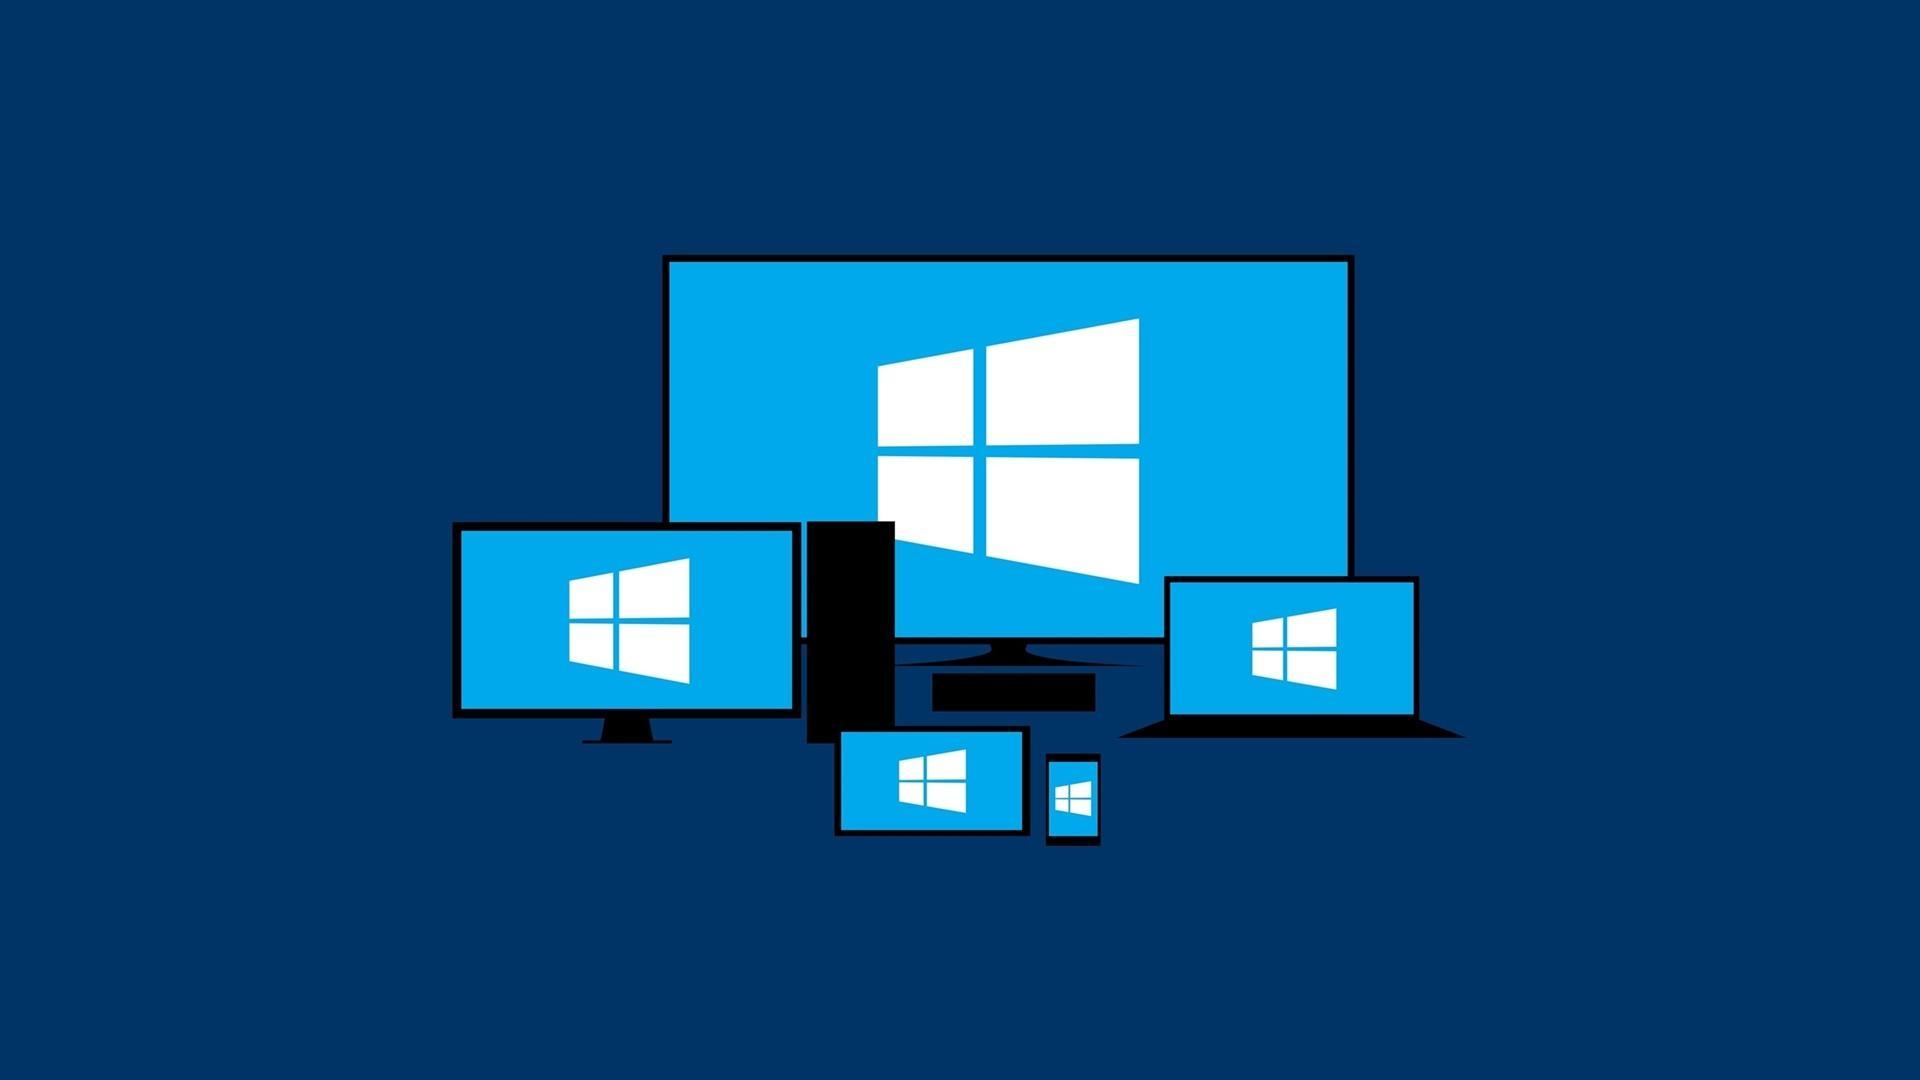 Как вернуть панель задач вниз экрана?